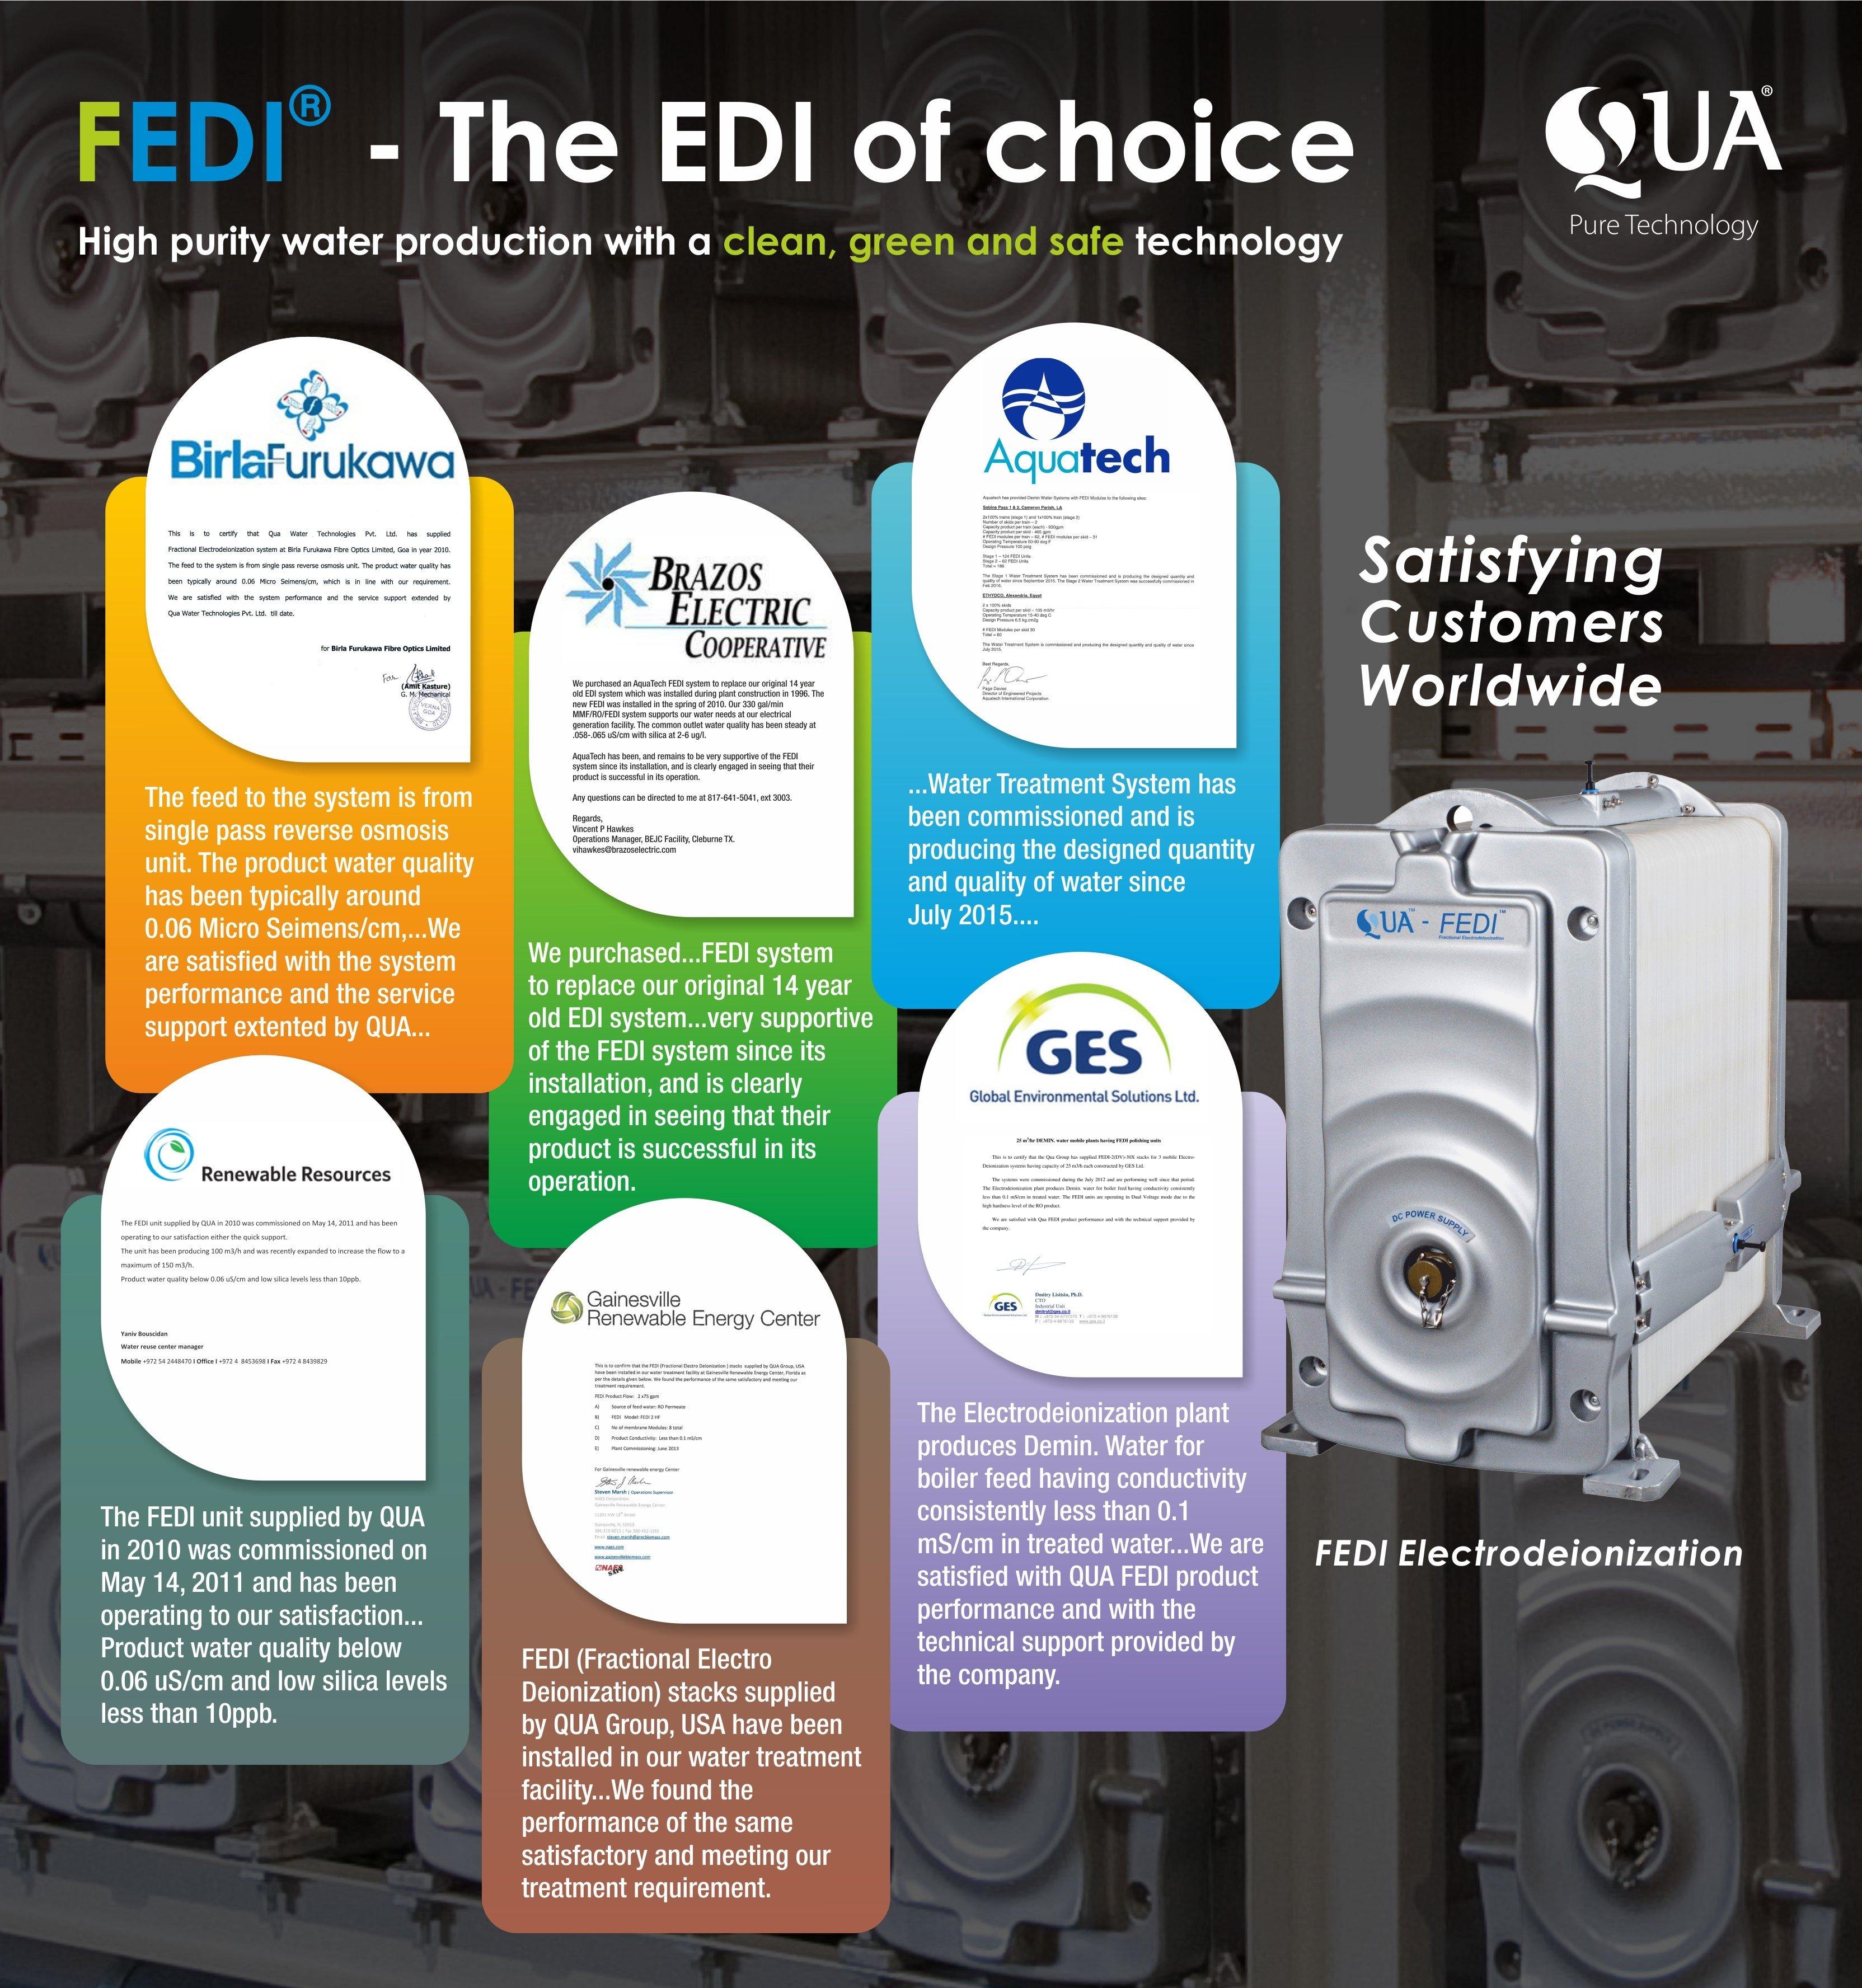 7 Fedi_customer_speak_emailer_Final large font-1